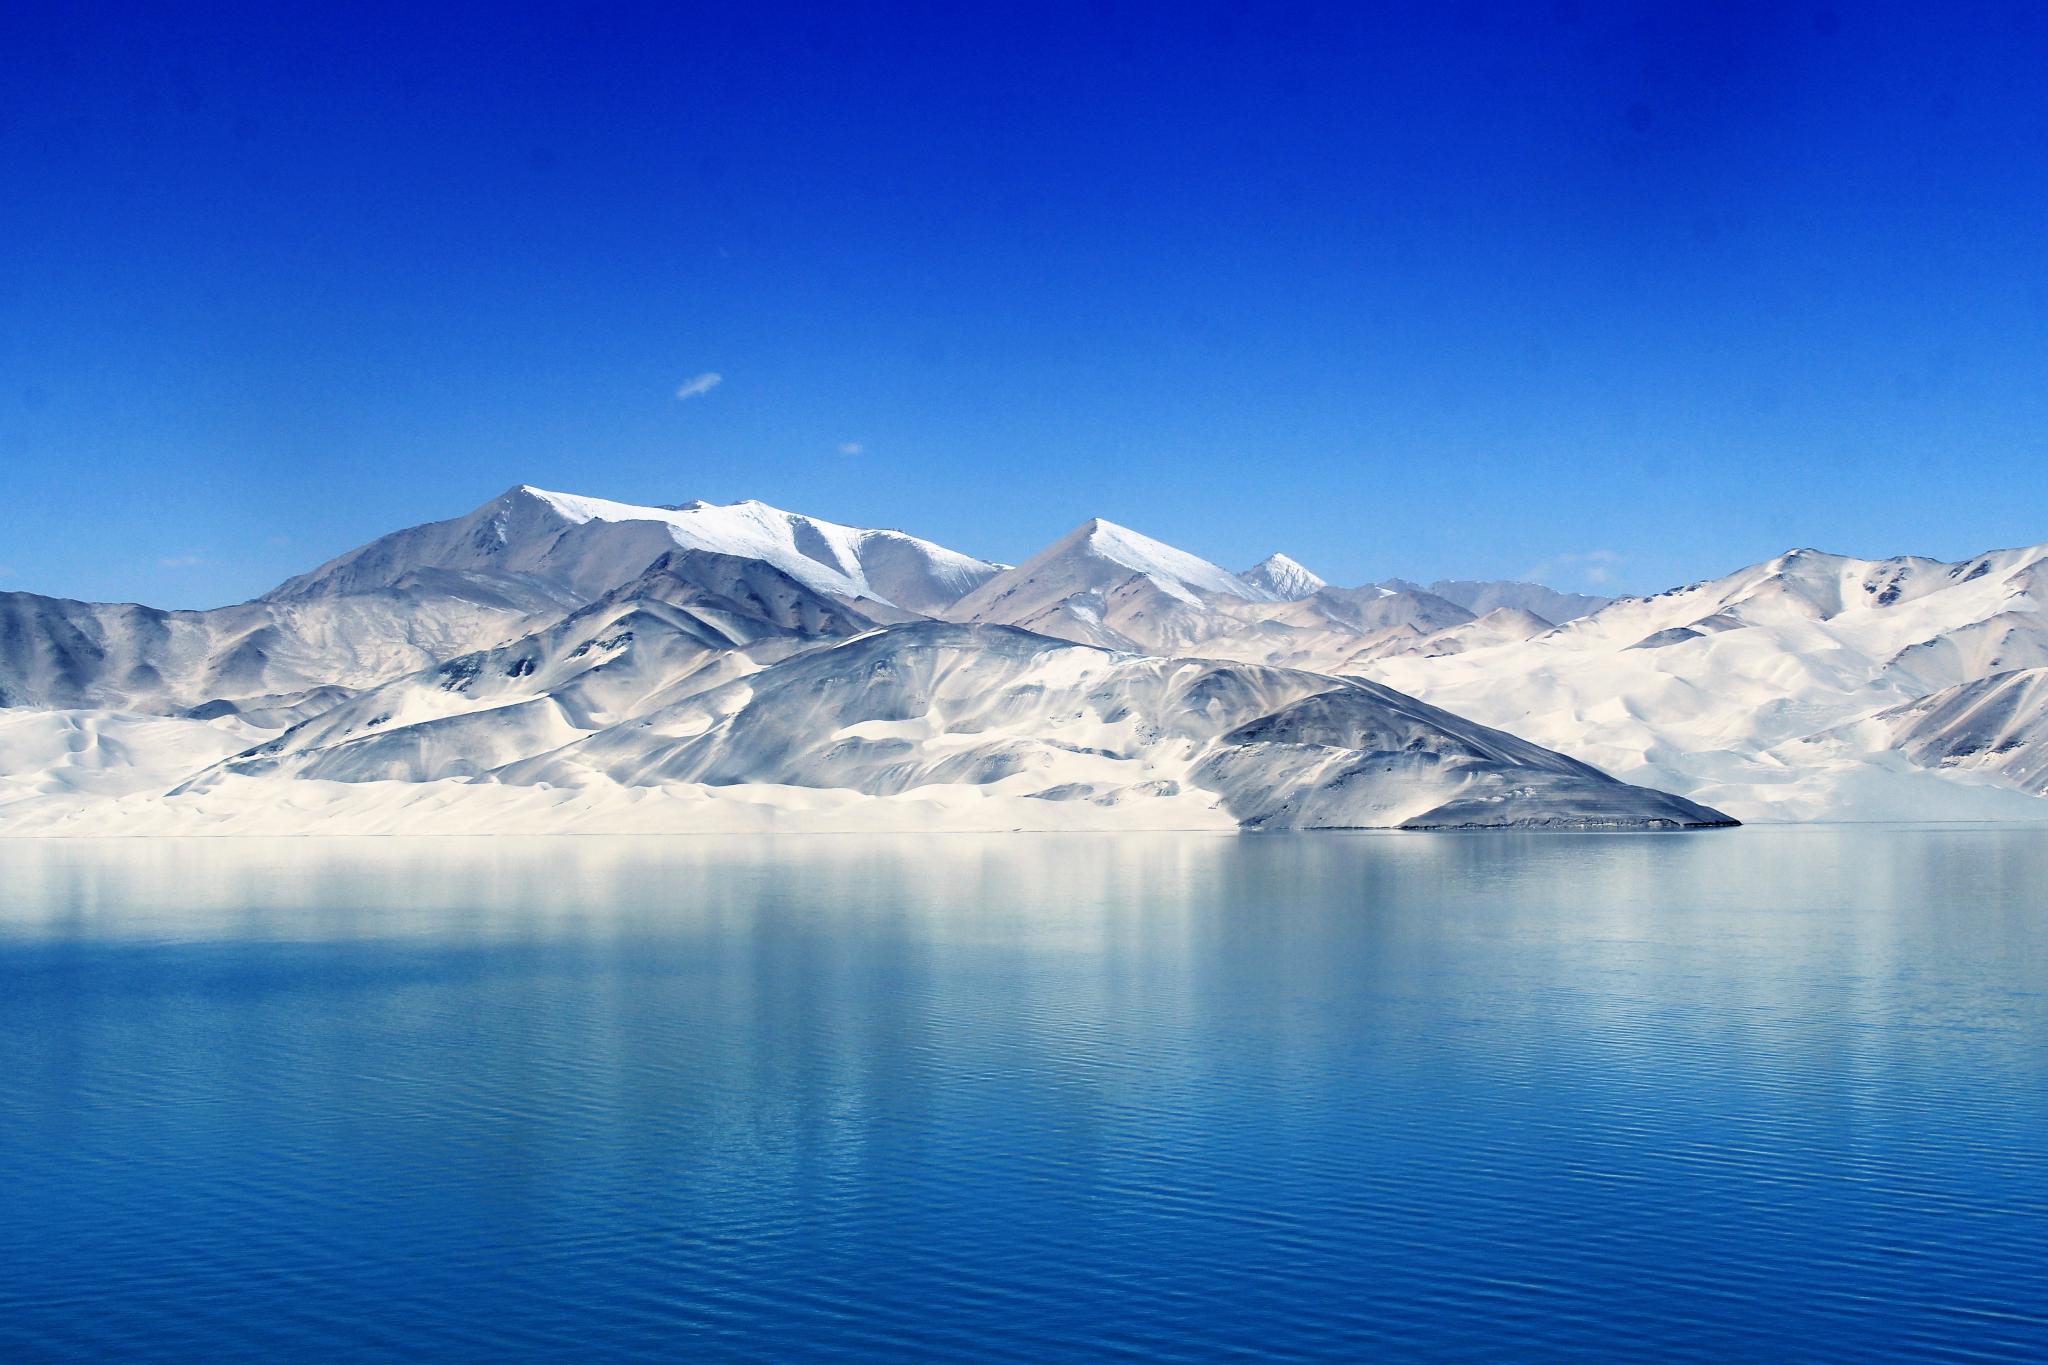 听遍山川风语,看尽湖海星辰,却说最美的风景还是你们